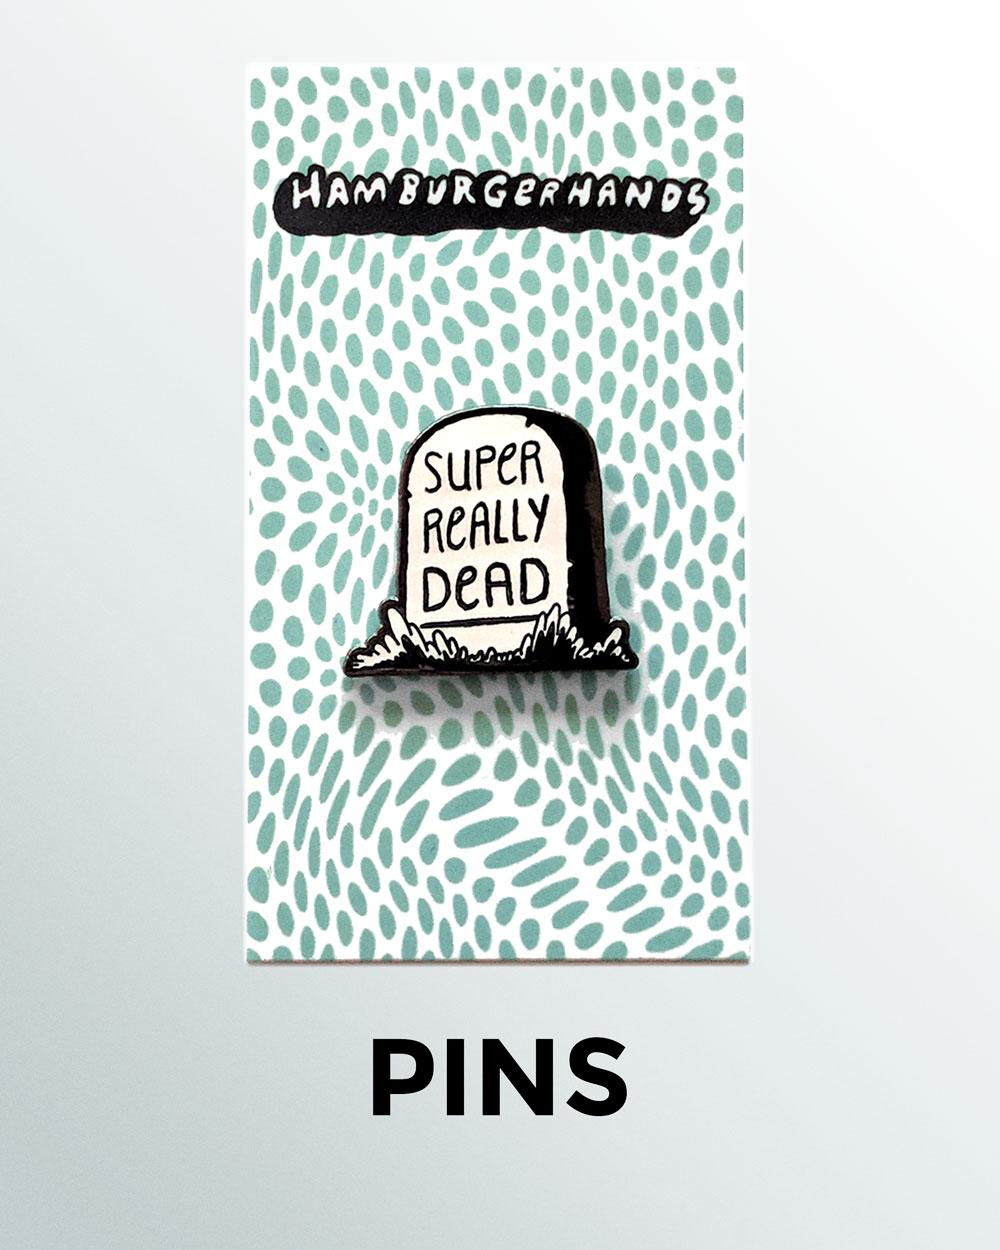 Buttons-MAIN-pins.jpg